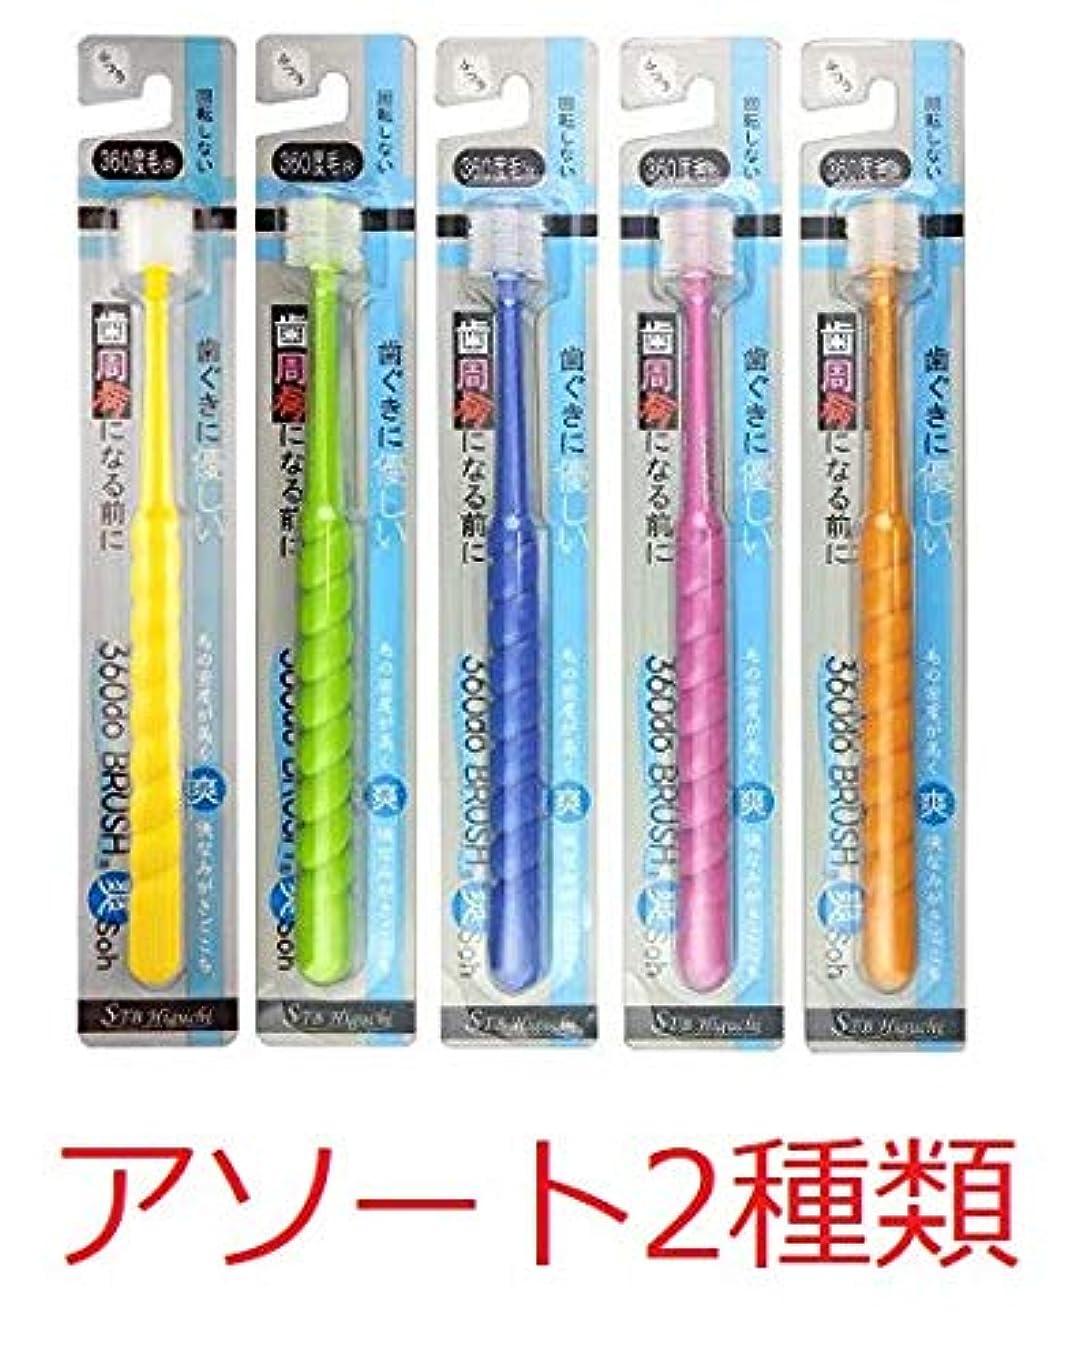 問い合わせる見物人文明360度歯ブラシ 360do BRUSH 爽(SOH)2個セット (カラーは2色おまかせ)